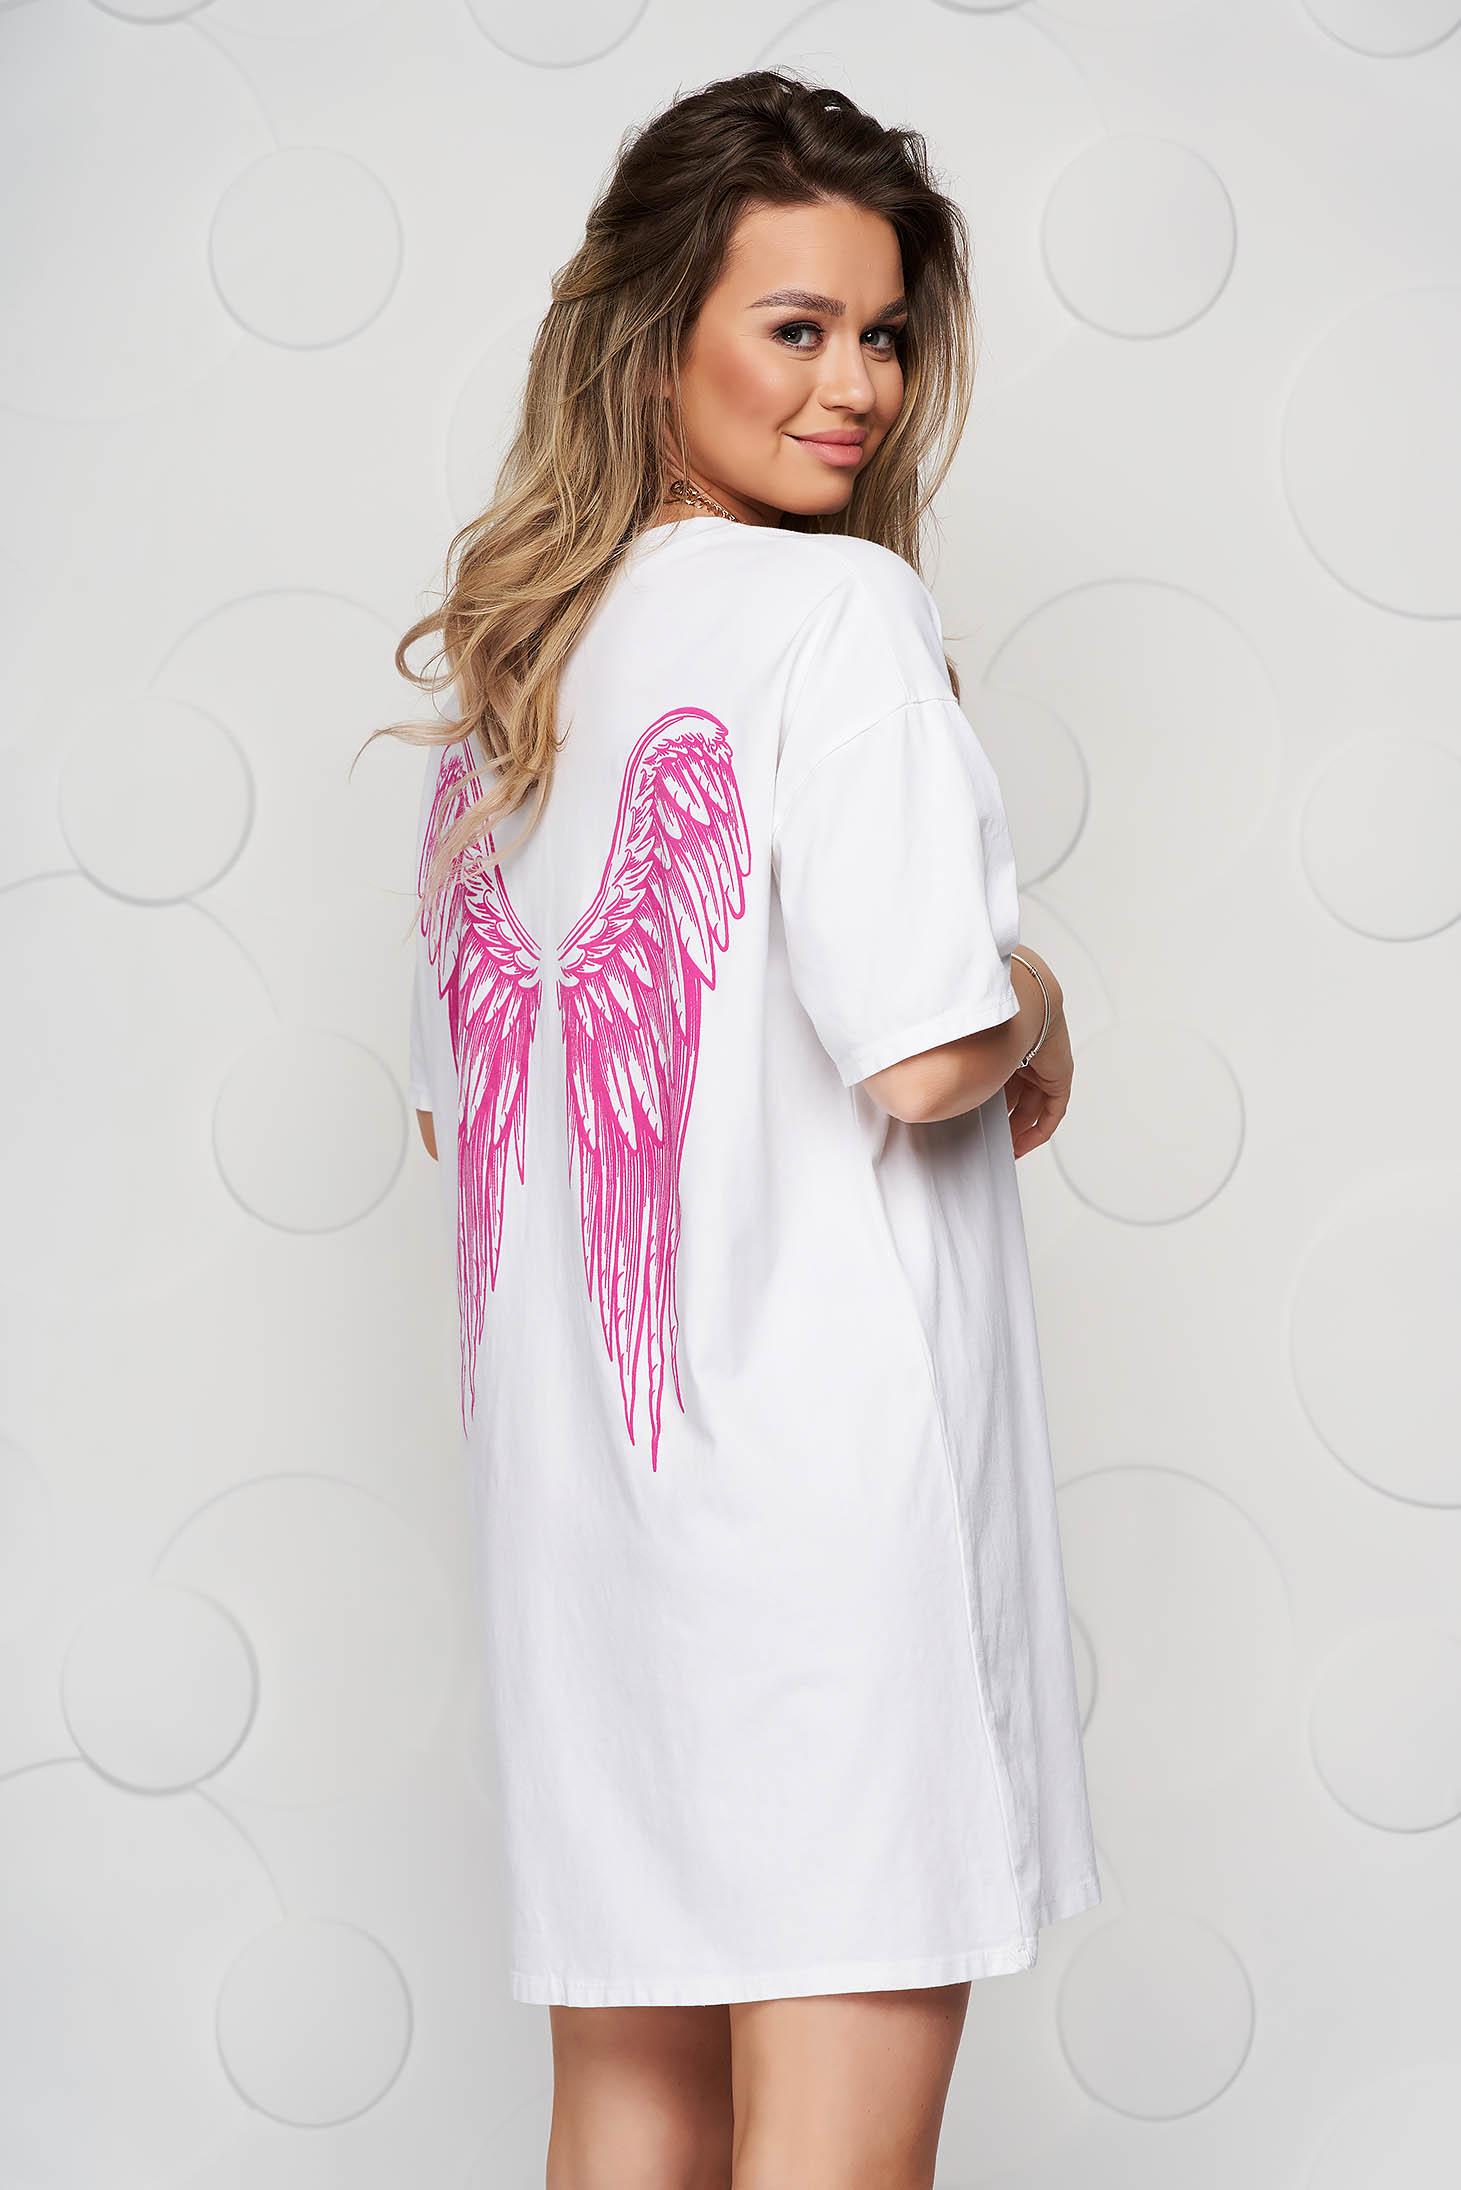 Fehér pamutból készült bő szabású póló grafikai díszítéssel